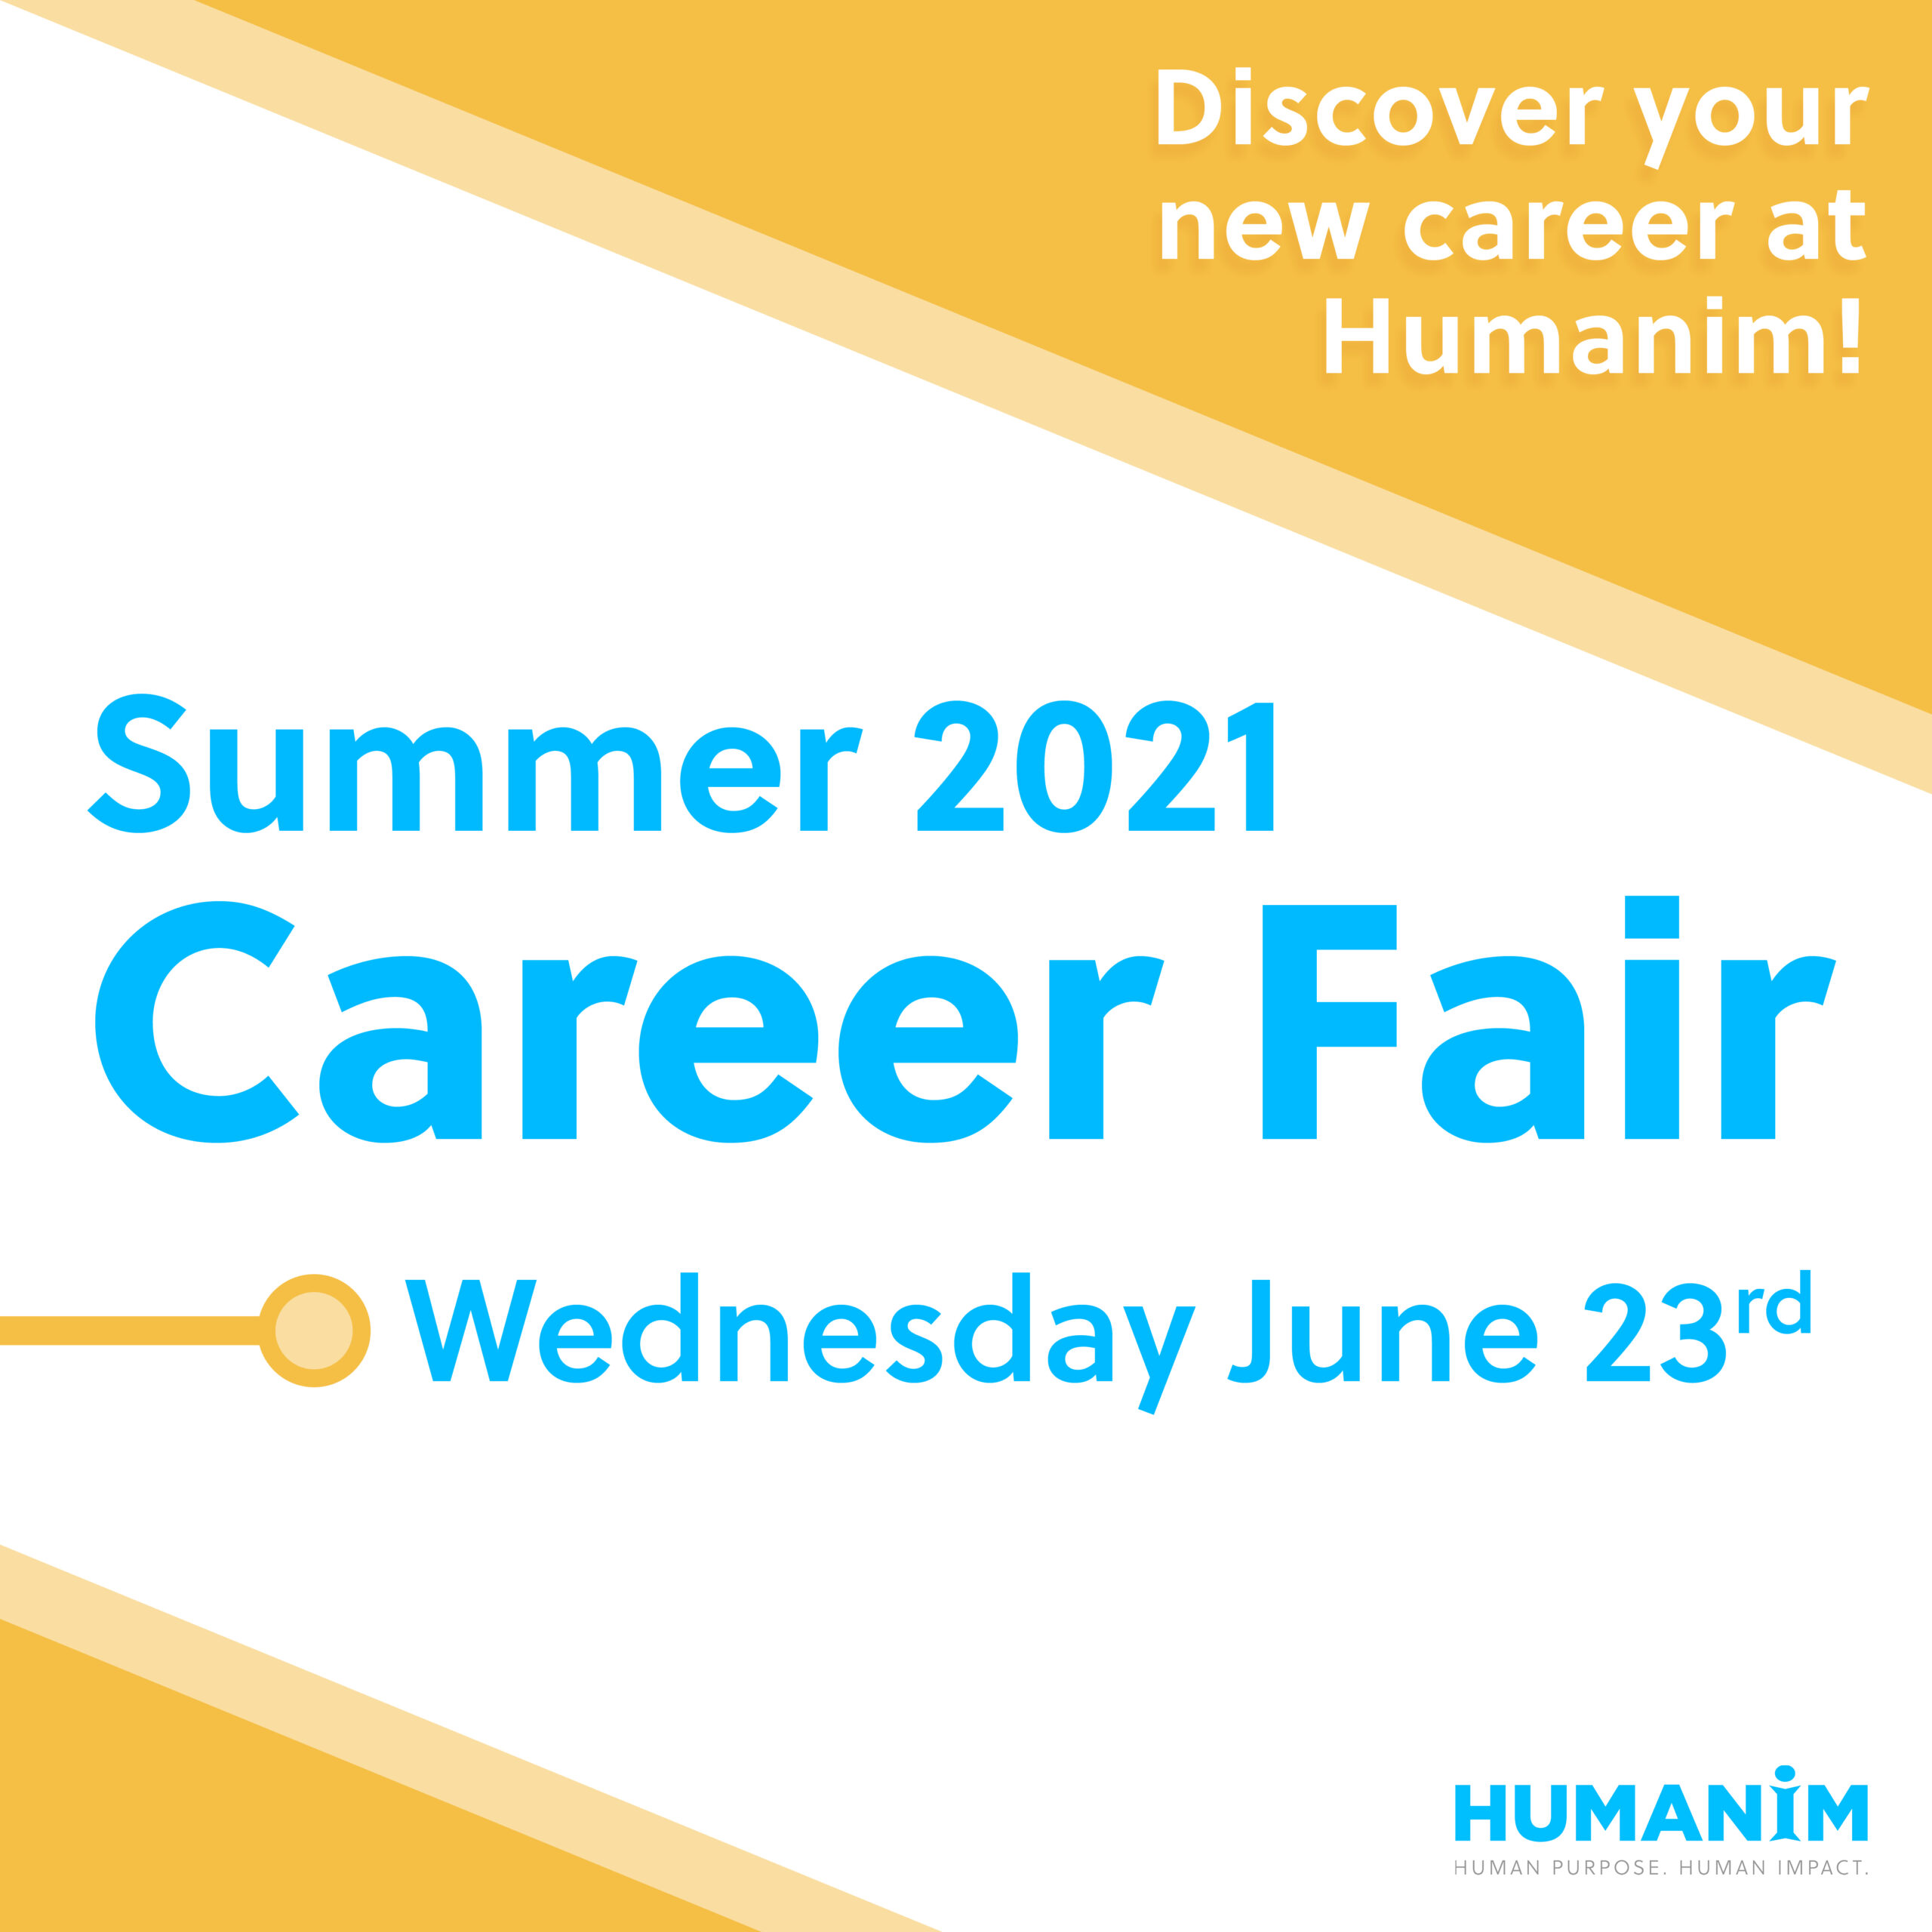 Summer 2021 Career Fair